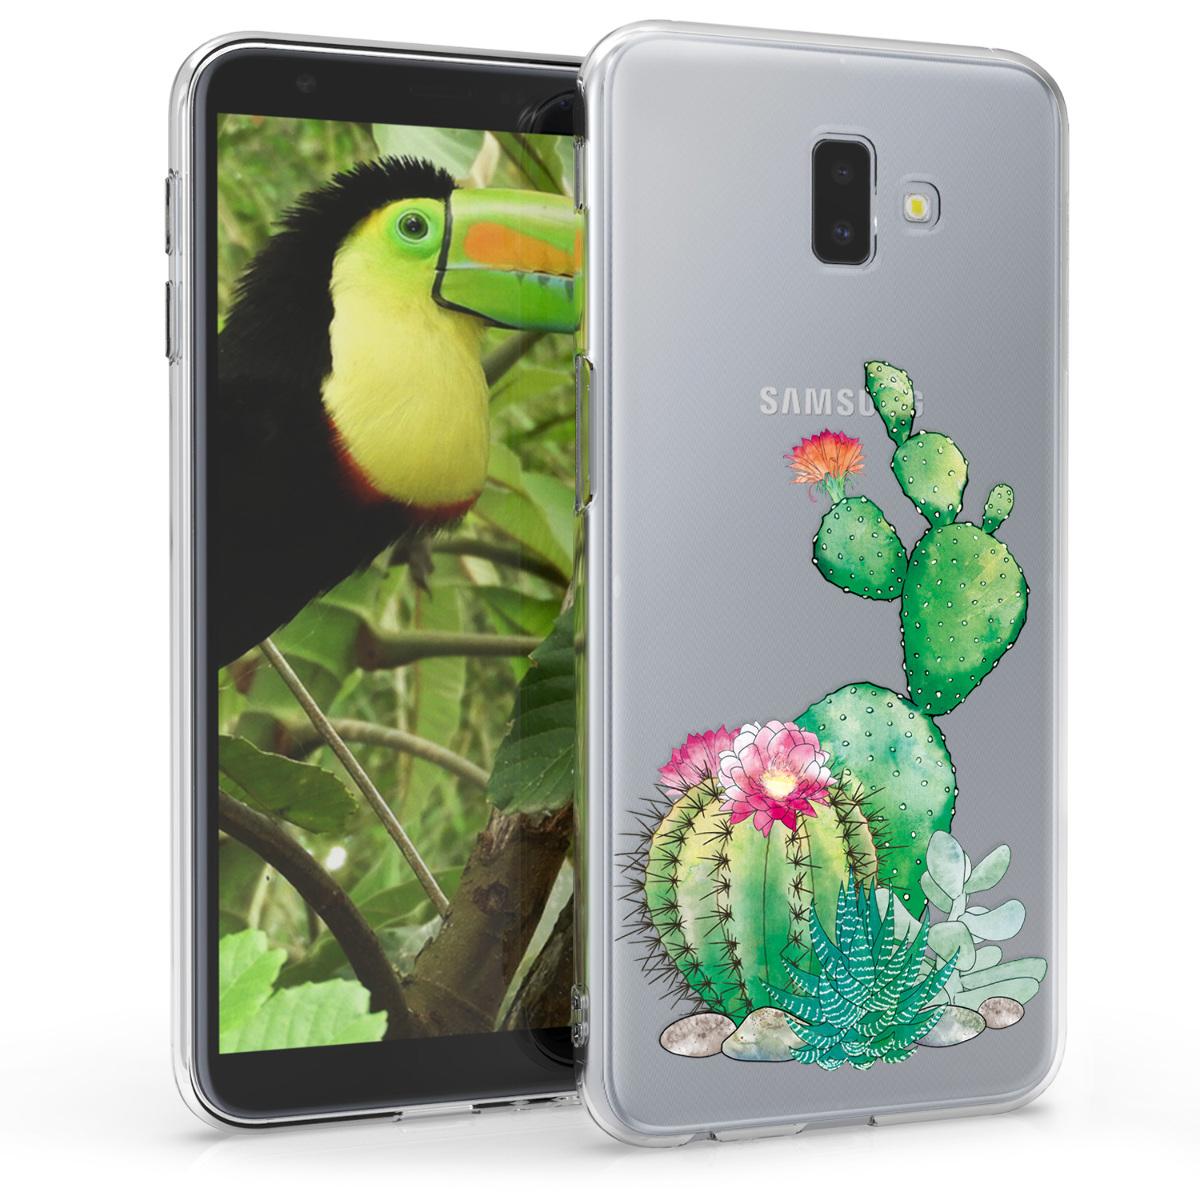 Kvalitní silikonové TPU pouzdro pro Samsung J6+ | J6 Plus DUOS - Cactus Bloom zelená / tmavě růžová / transparentní